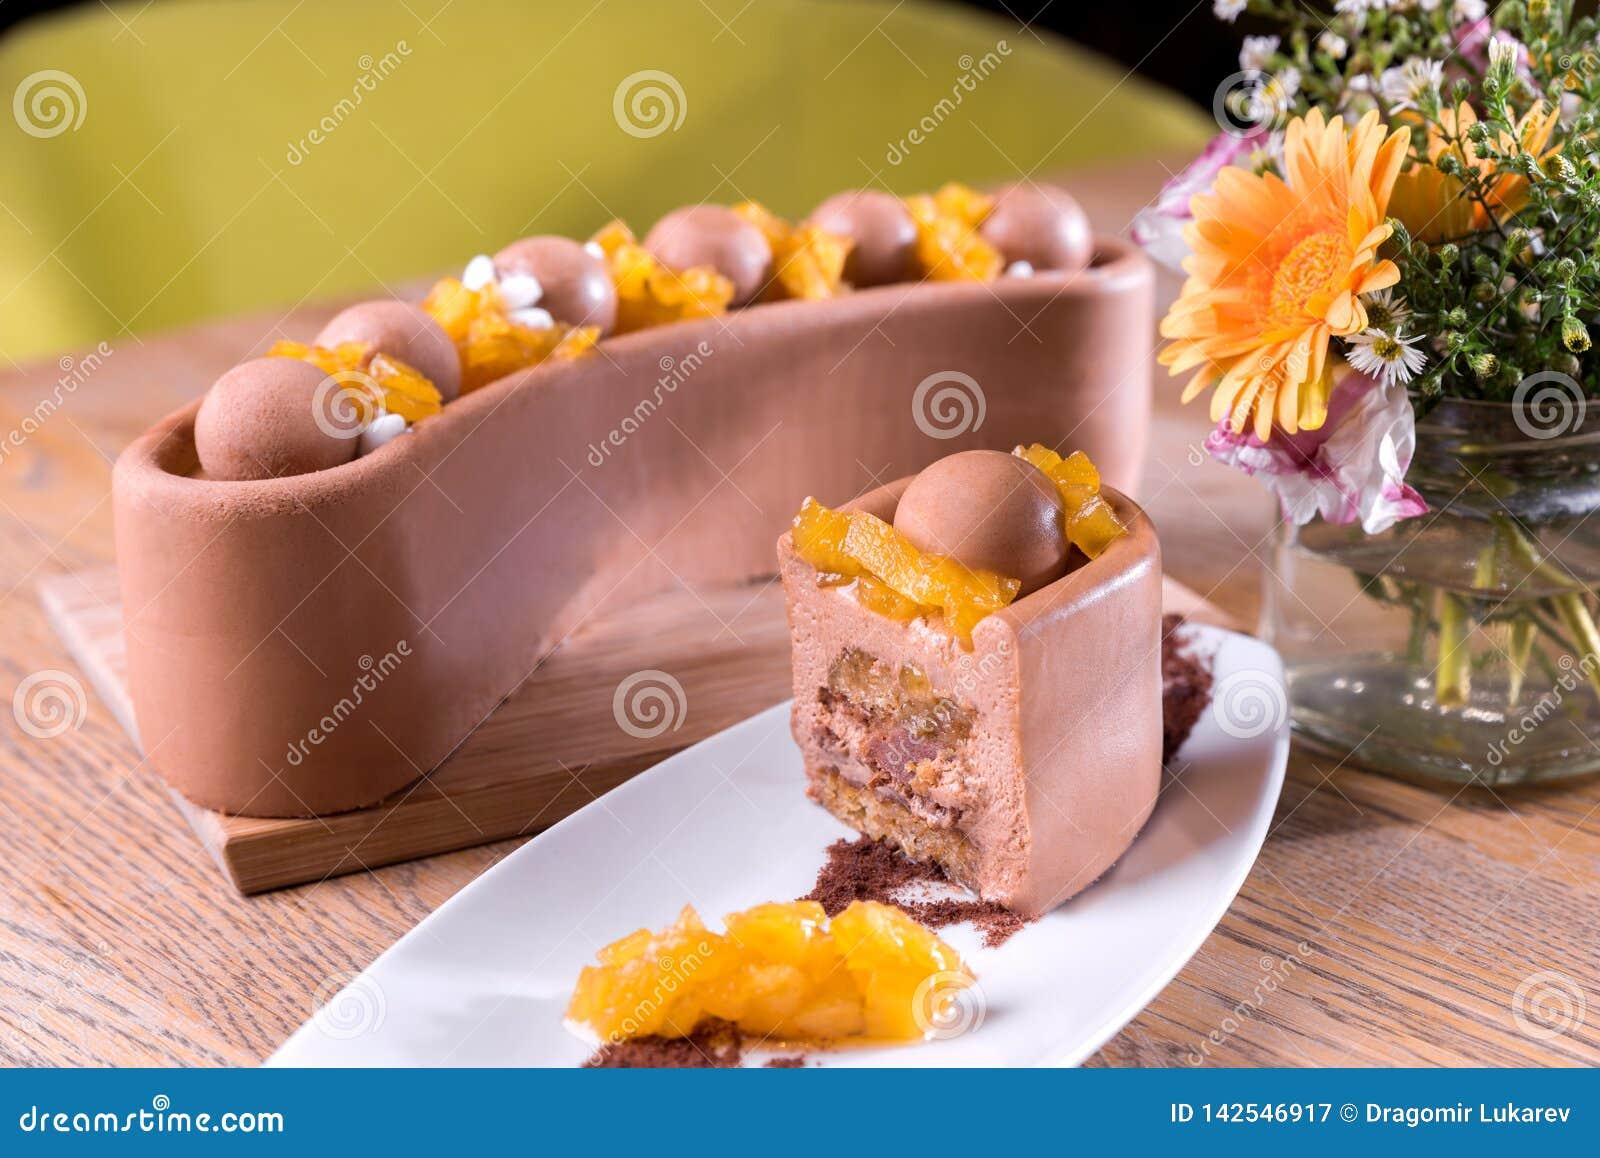 Hemlagat mjölka choklad och kastanjkakan - mjölka chokladmousse, ananasmarmelad, frasig grund med hasselnötter och